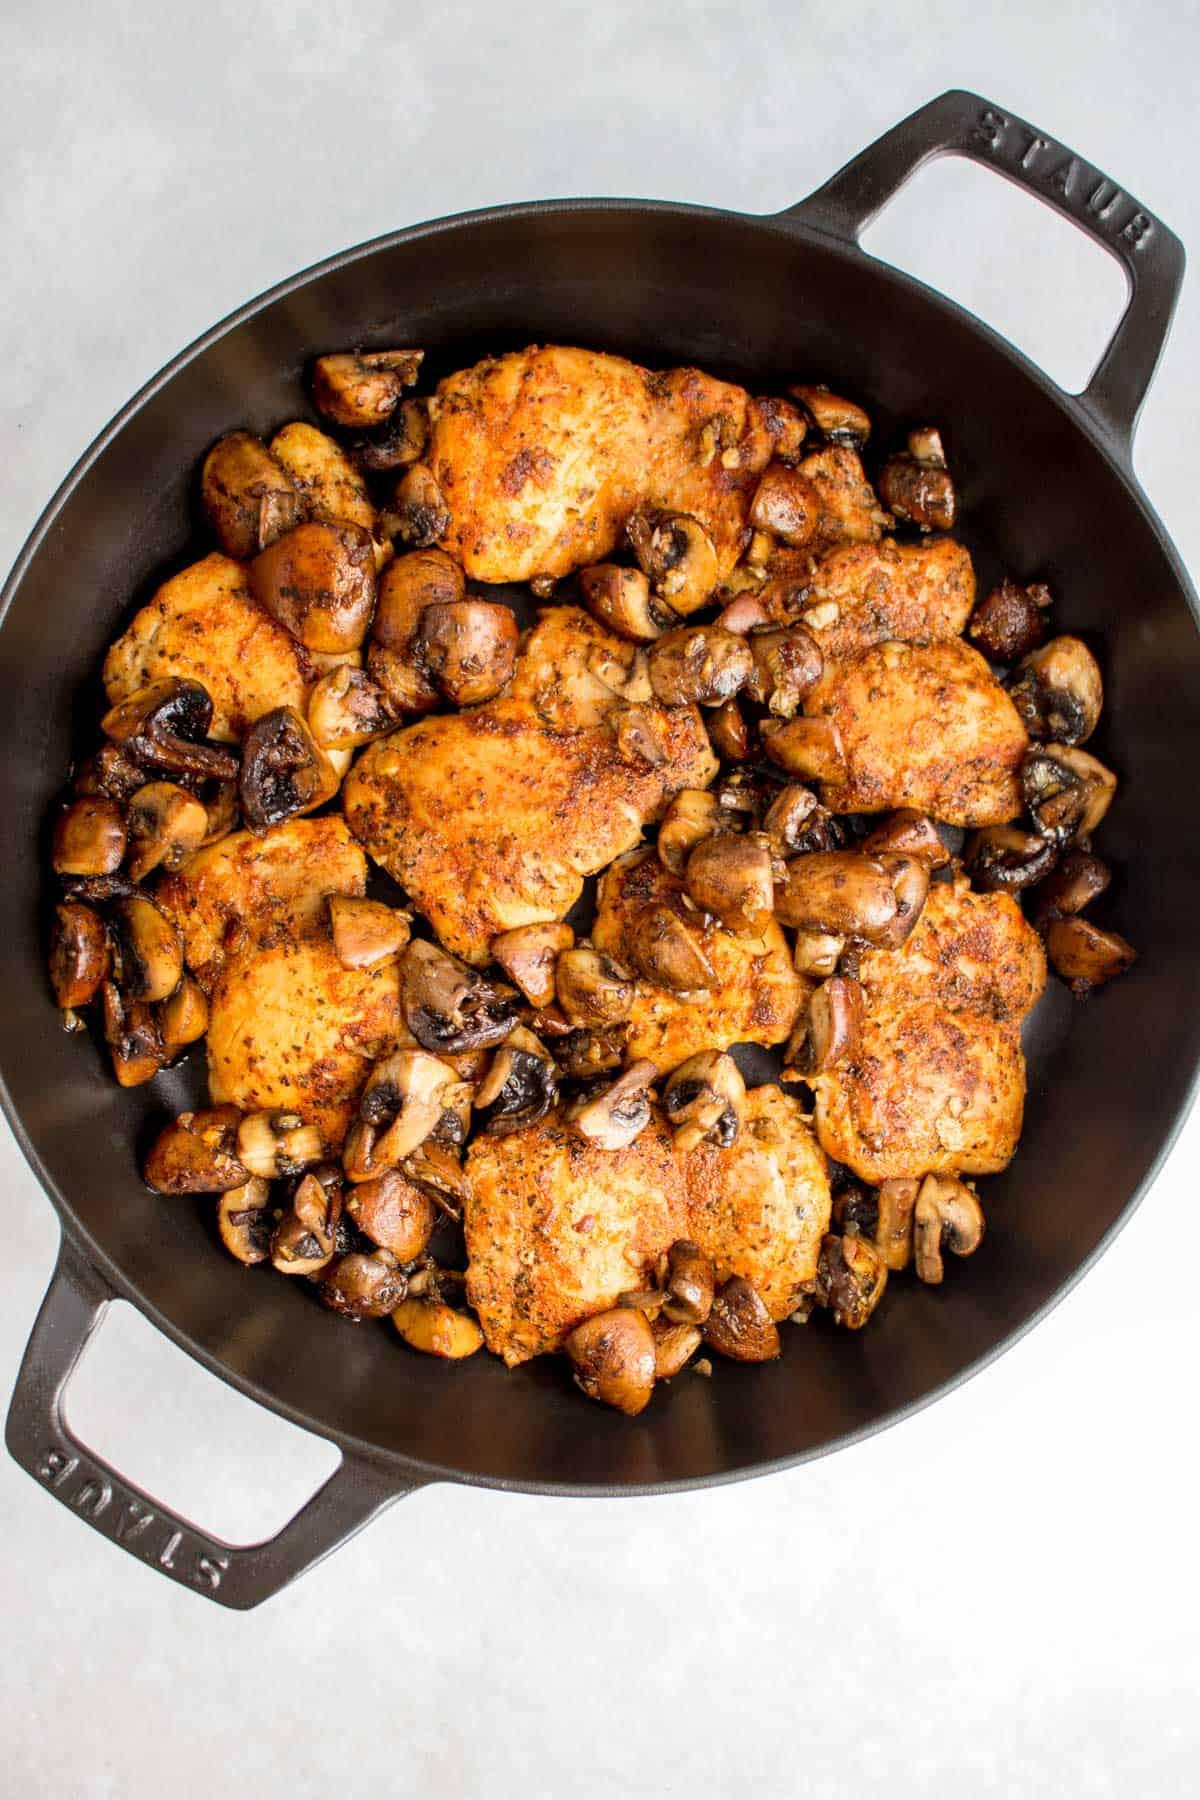 Staub braiser with chicken thighs and mushrooms.